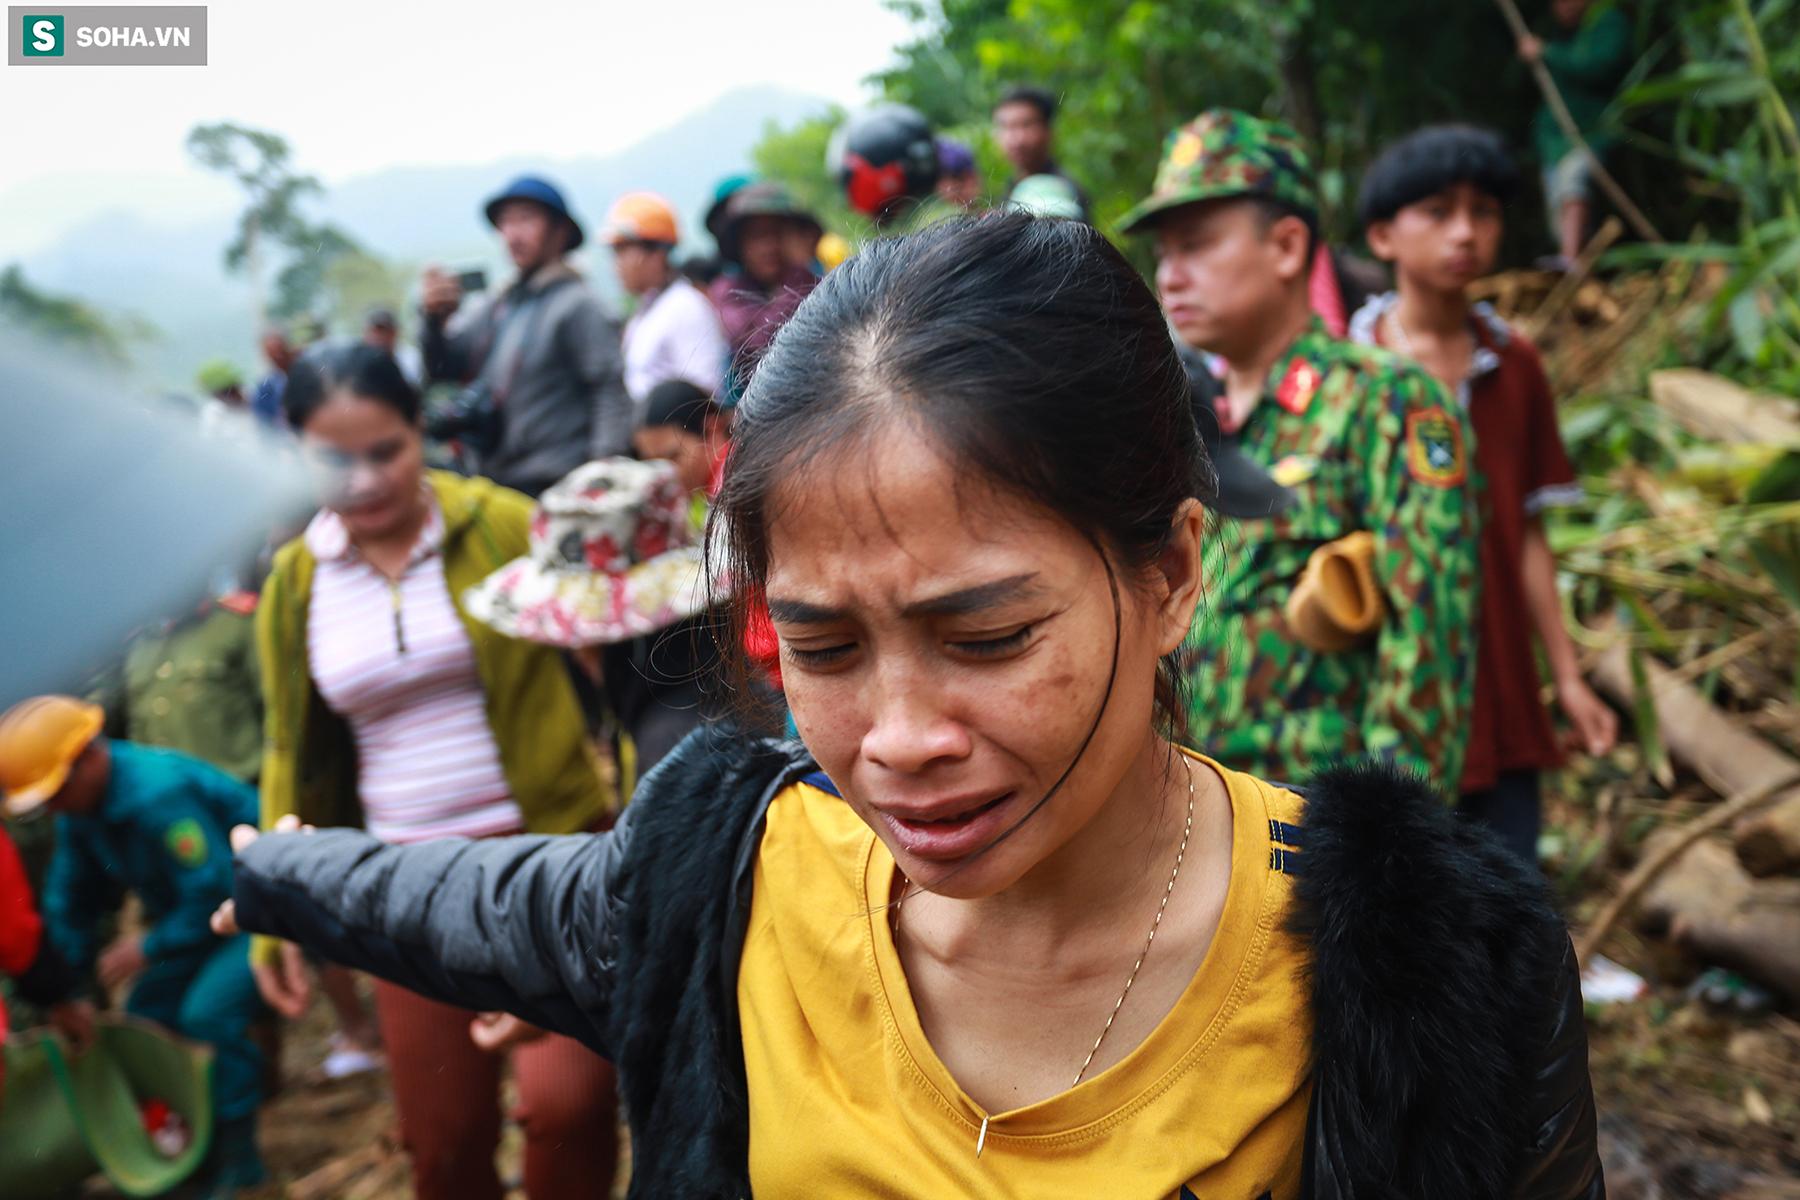 [Ảnh] Dân làng khóc nghẹn khi tìm thấy bé trai 10 tháng tuổi dưới lớp bùn đất vụ sạt lở ở Trà Leng - Ảnh 5.